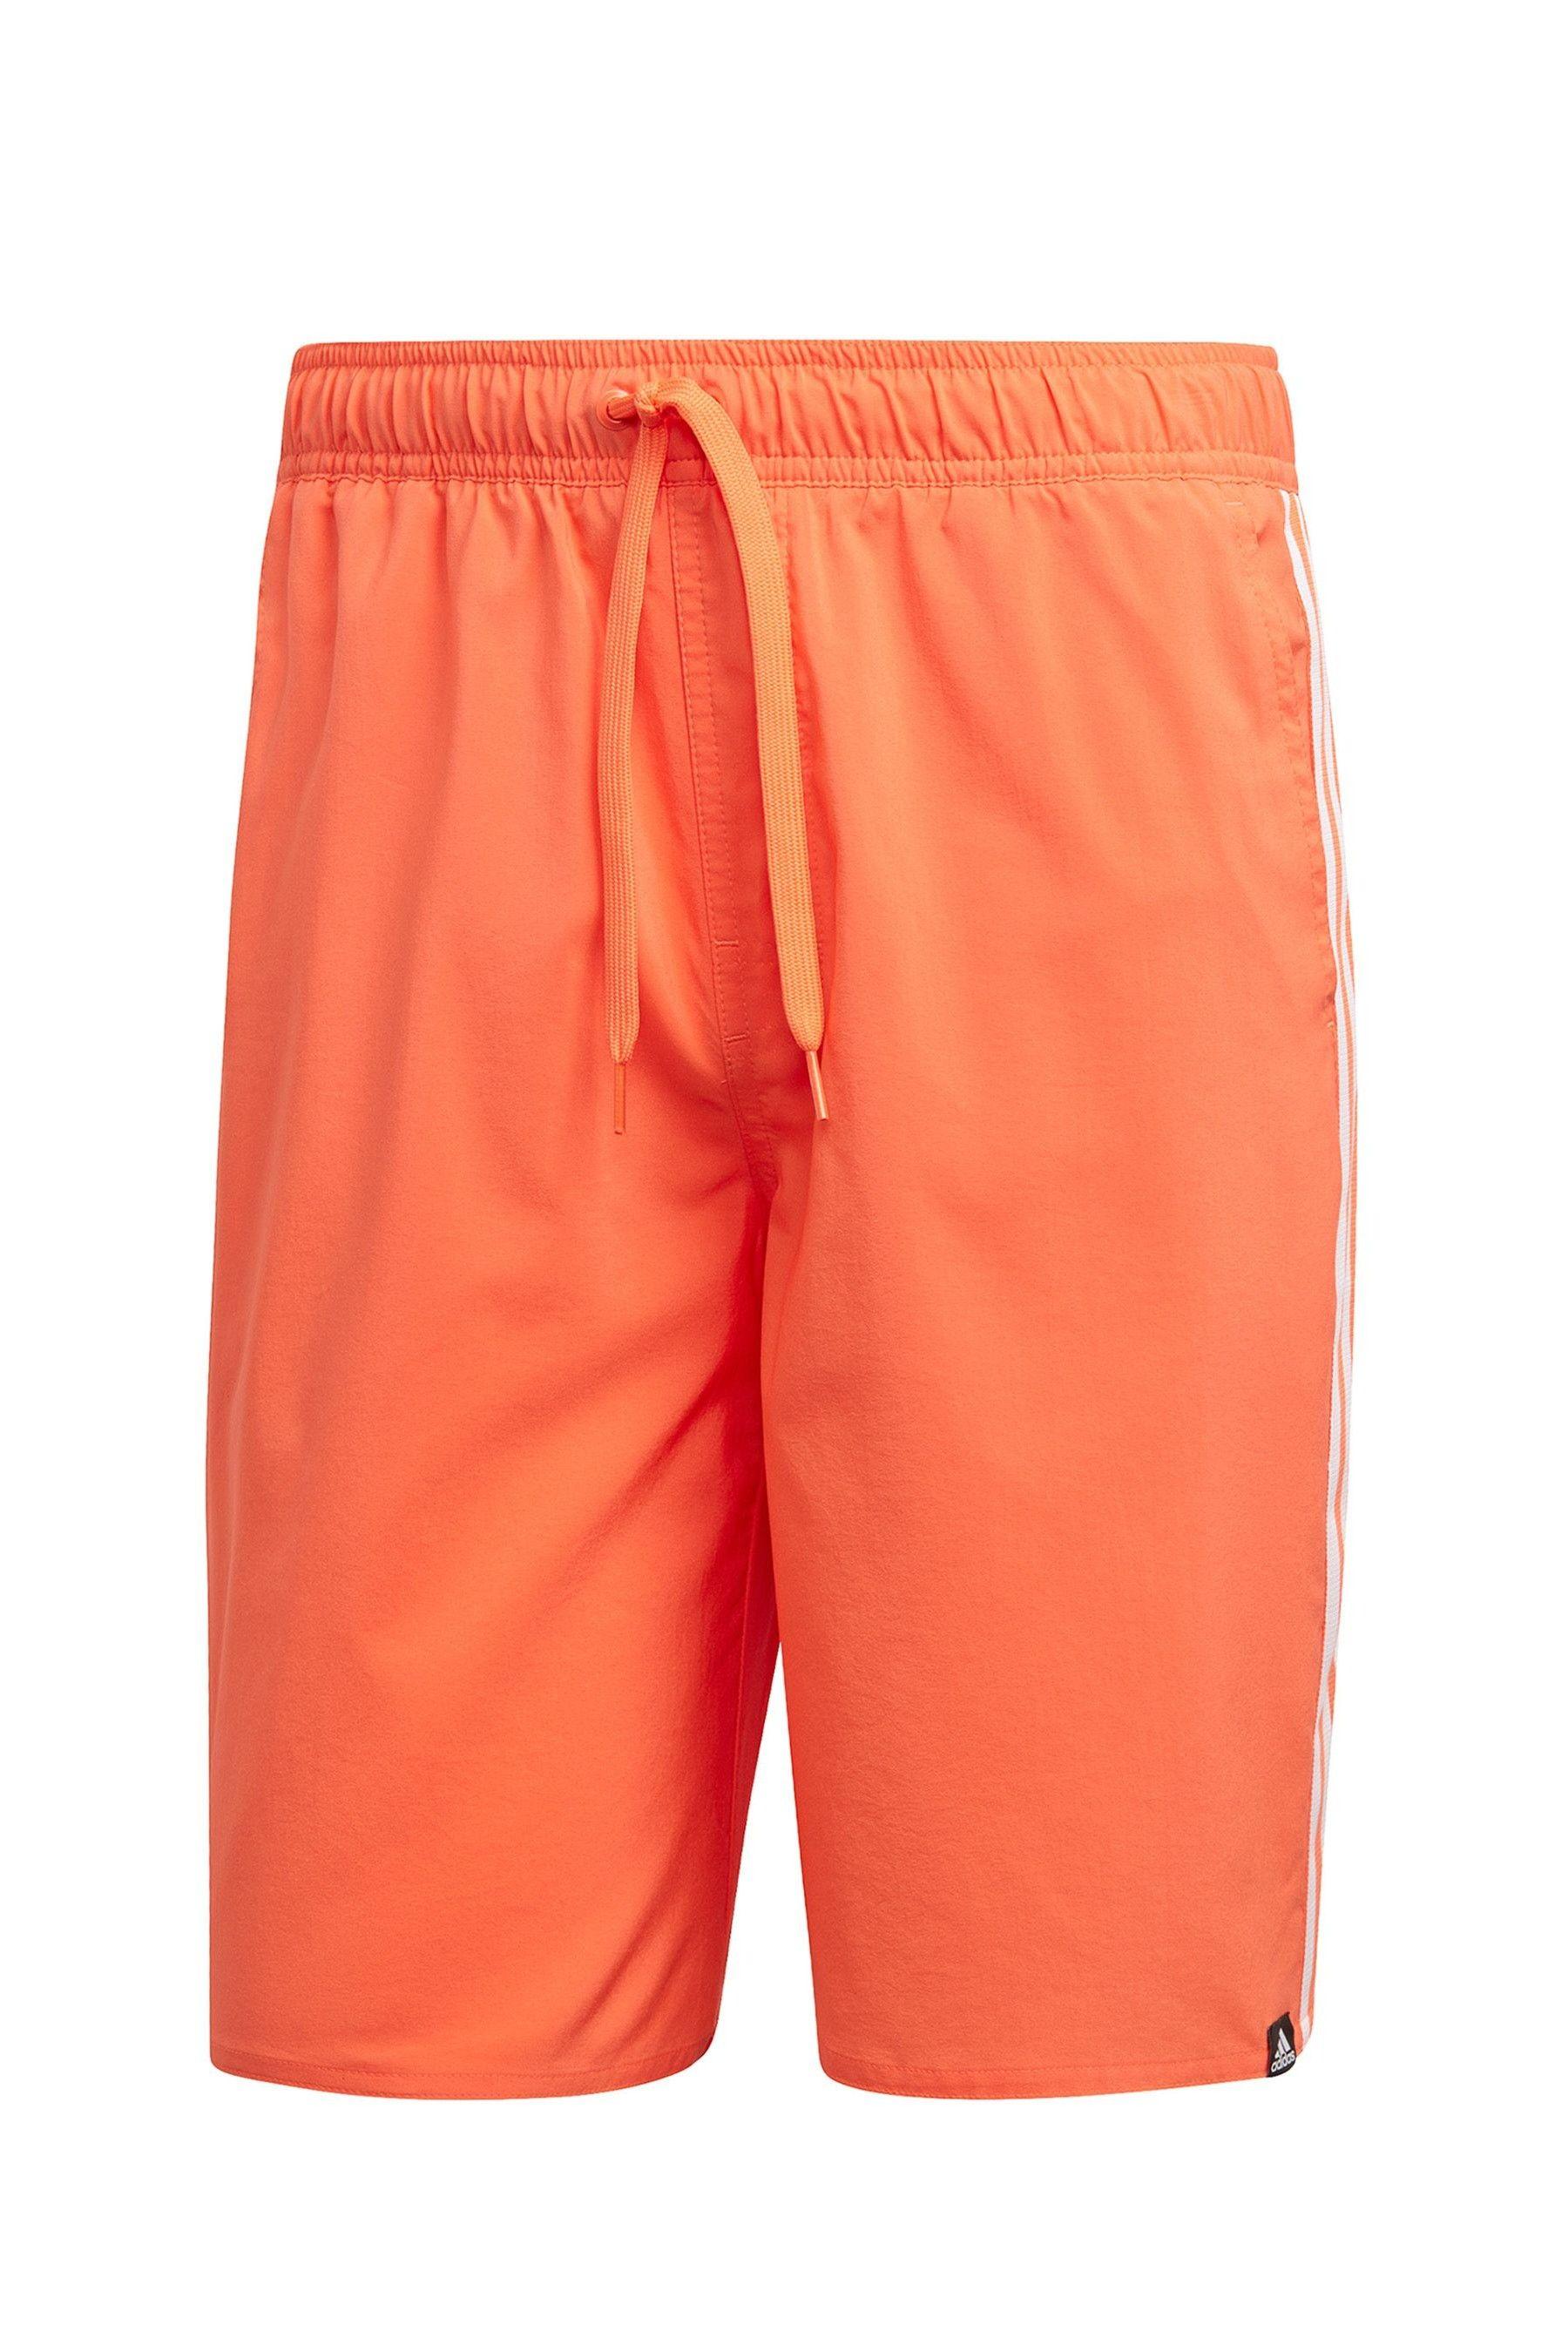 74c4099ffa Mens adidas True Orange 3 Stripe Swim Short - Orange in 2019 ...